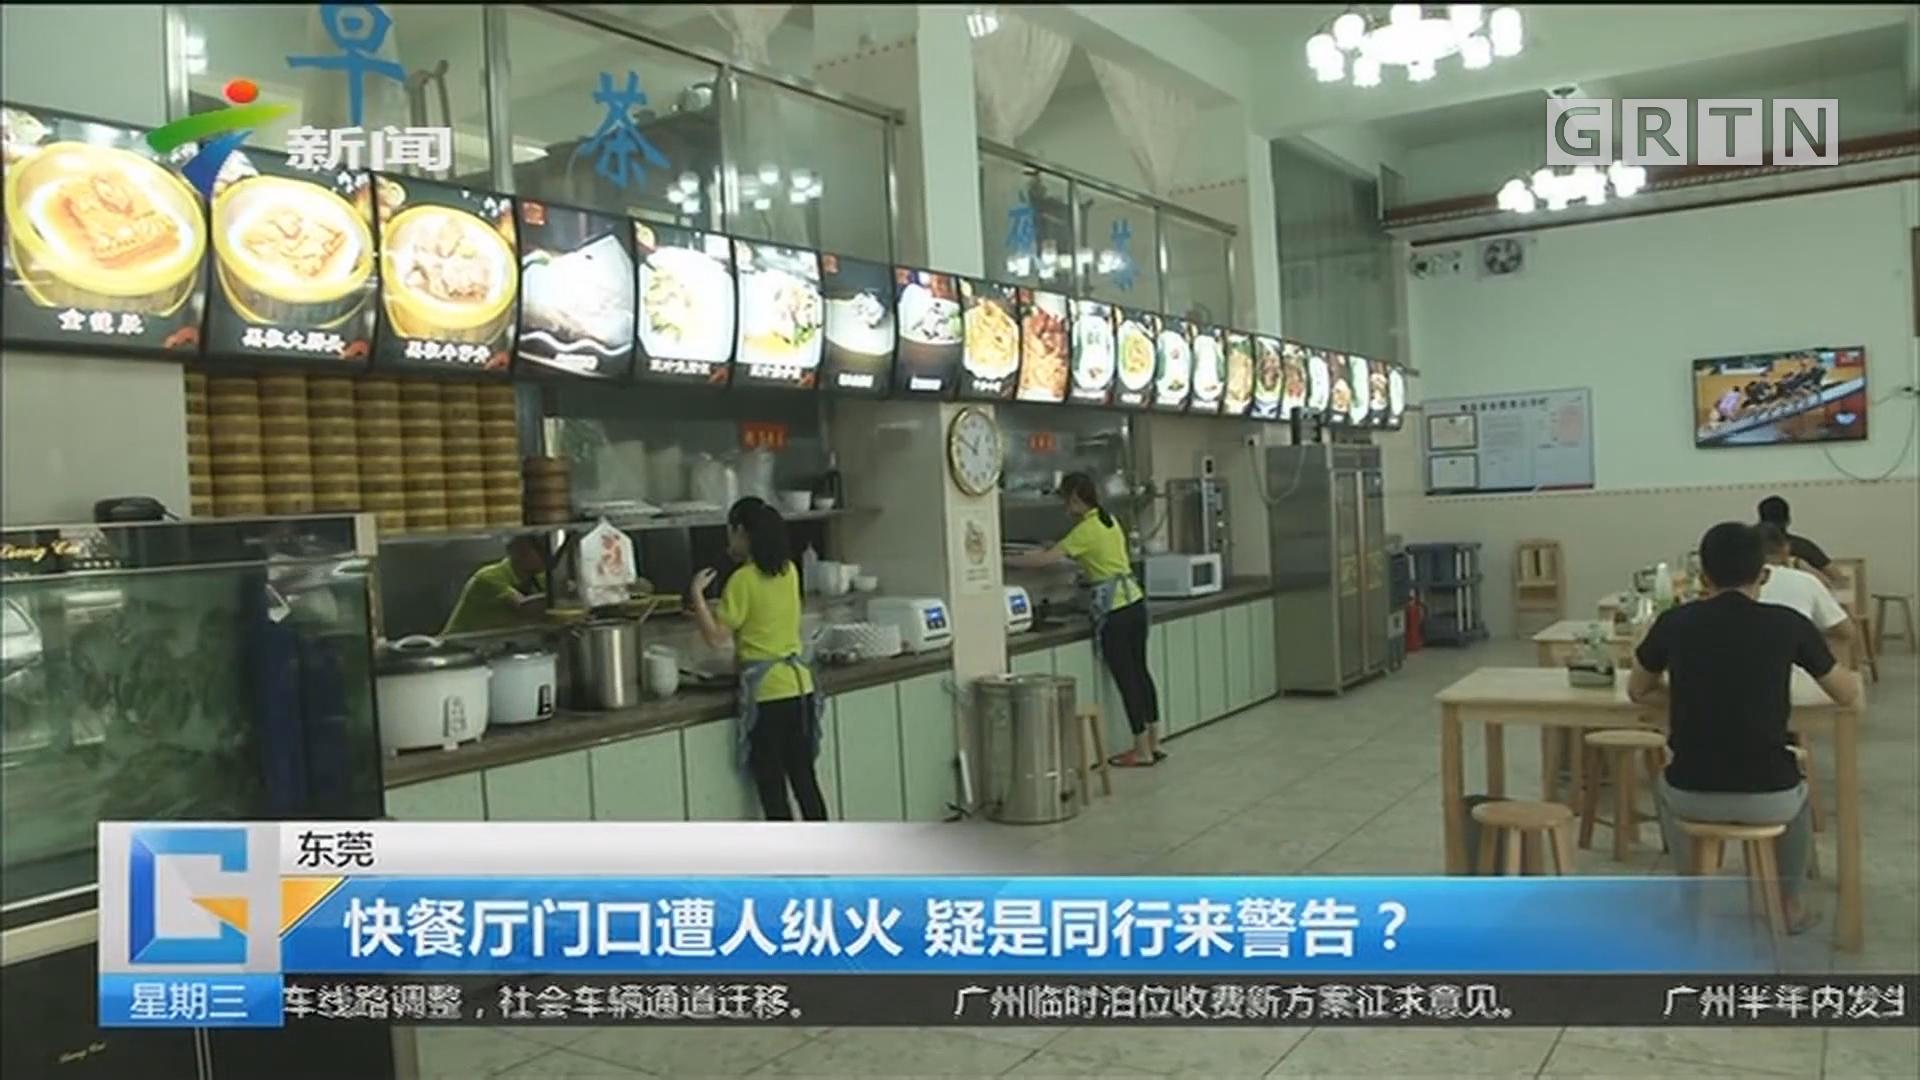 东莞:快餐厅门口遭人纵火 疑是同行来警告?